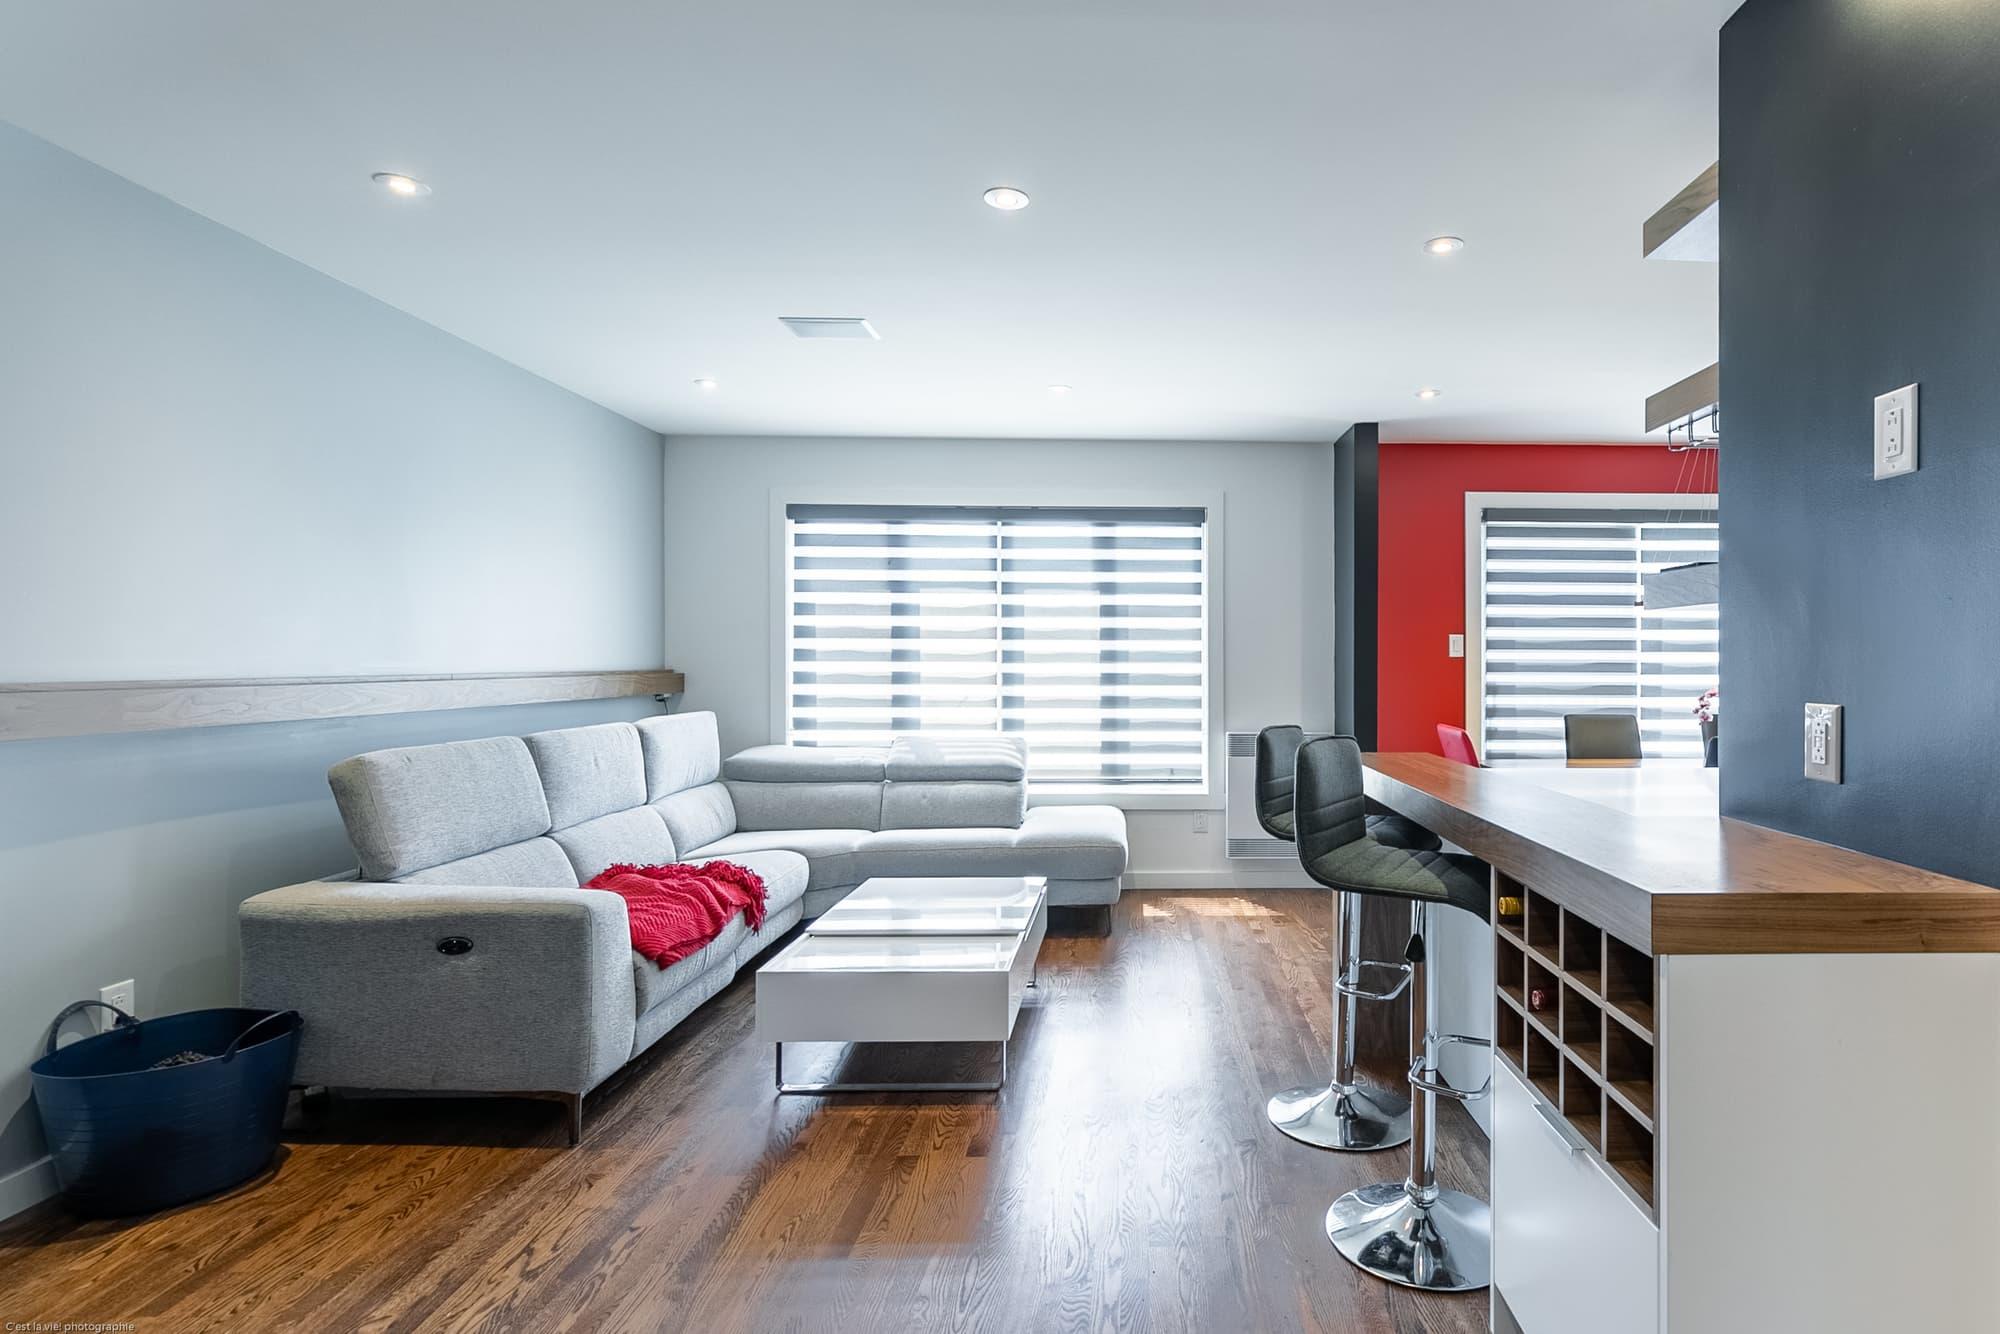 Salon Et Cuisine Aire Ouverte rénovation d'une cuisine moderne à aire ouverte | avant